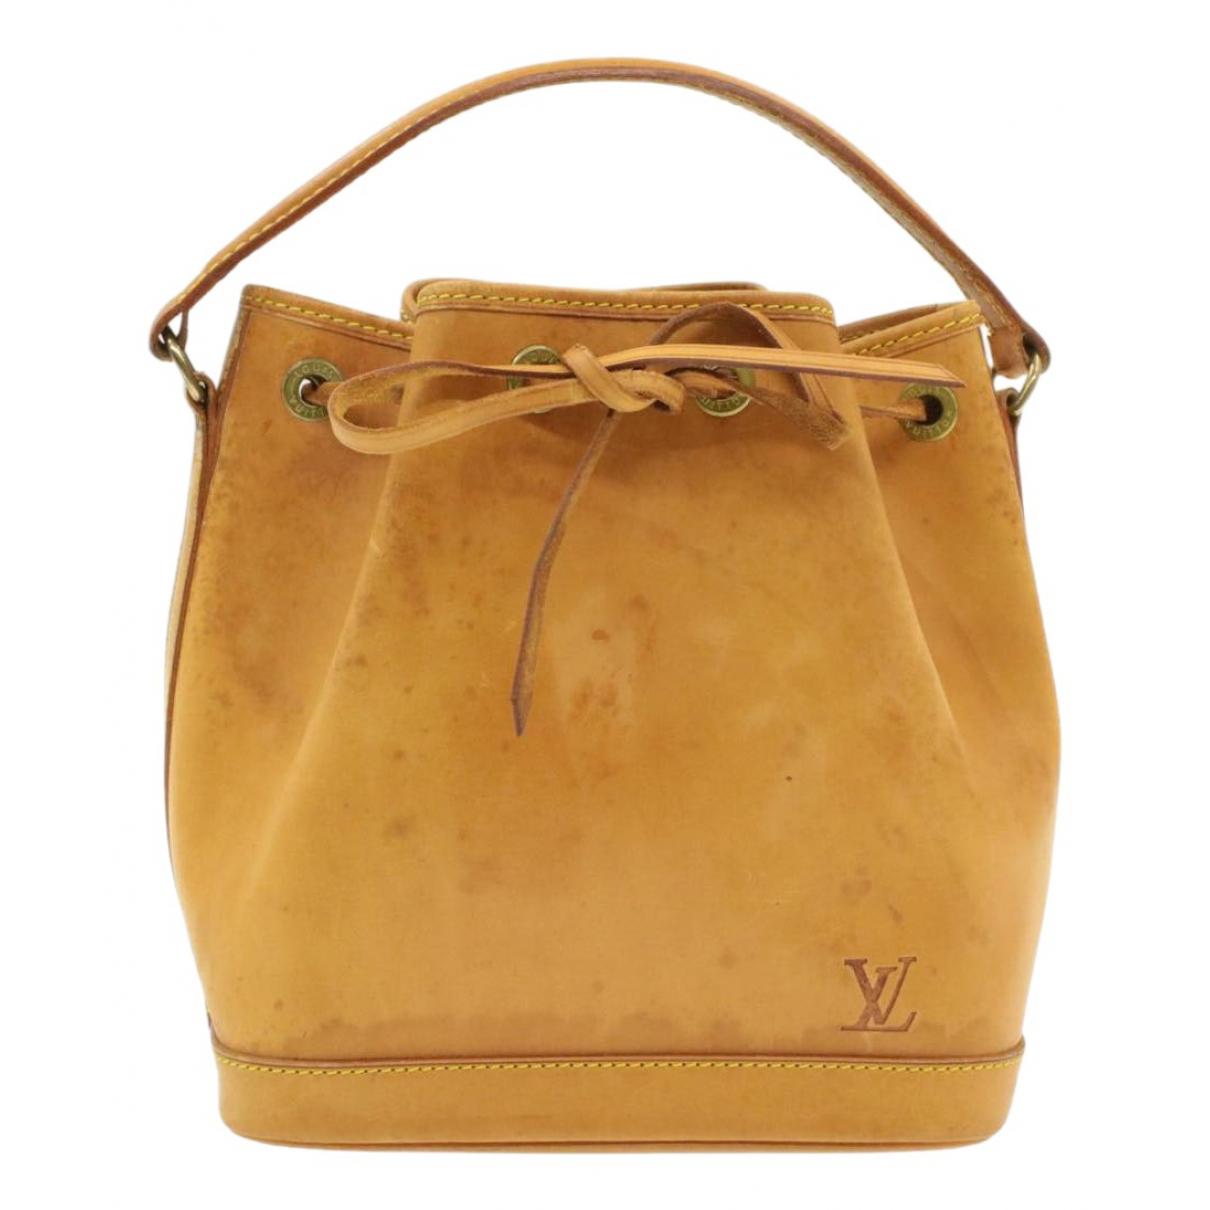 Louis Vuitton Noe Handtasche in  Beige Leder